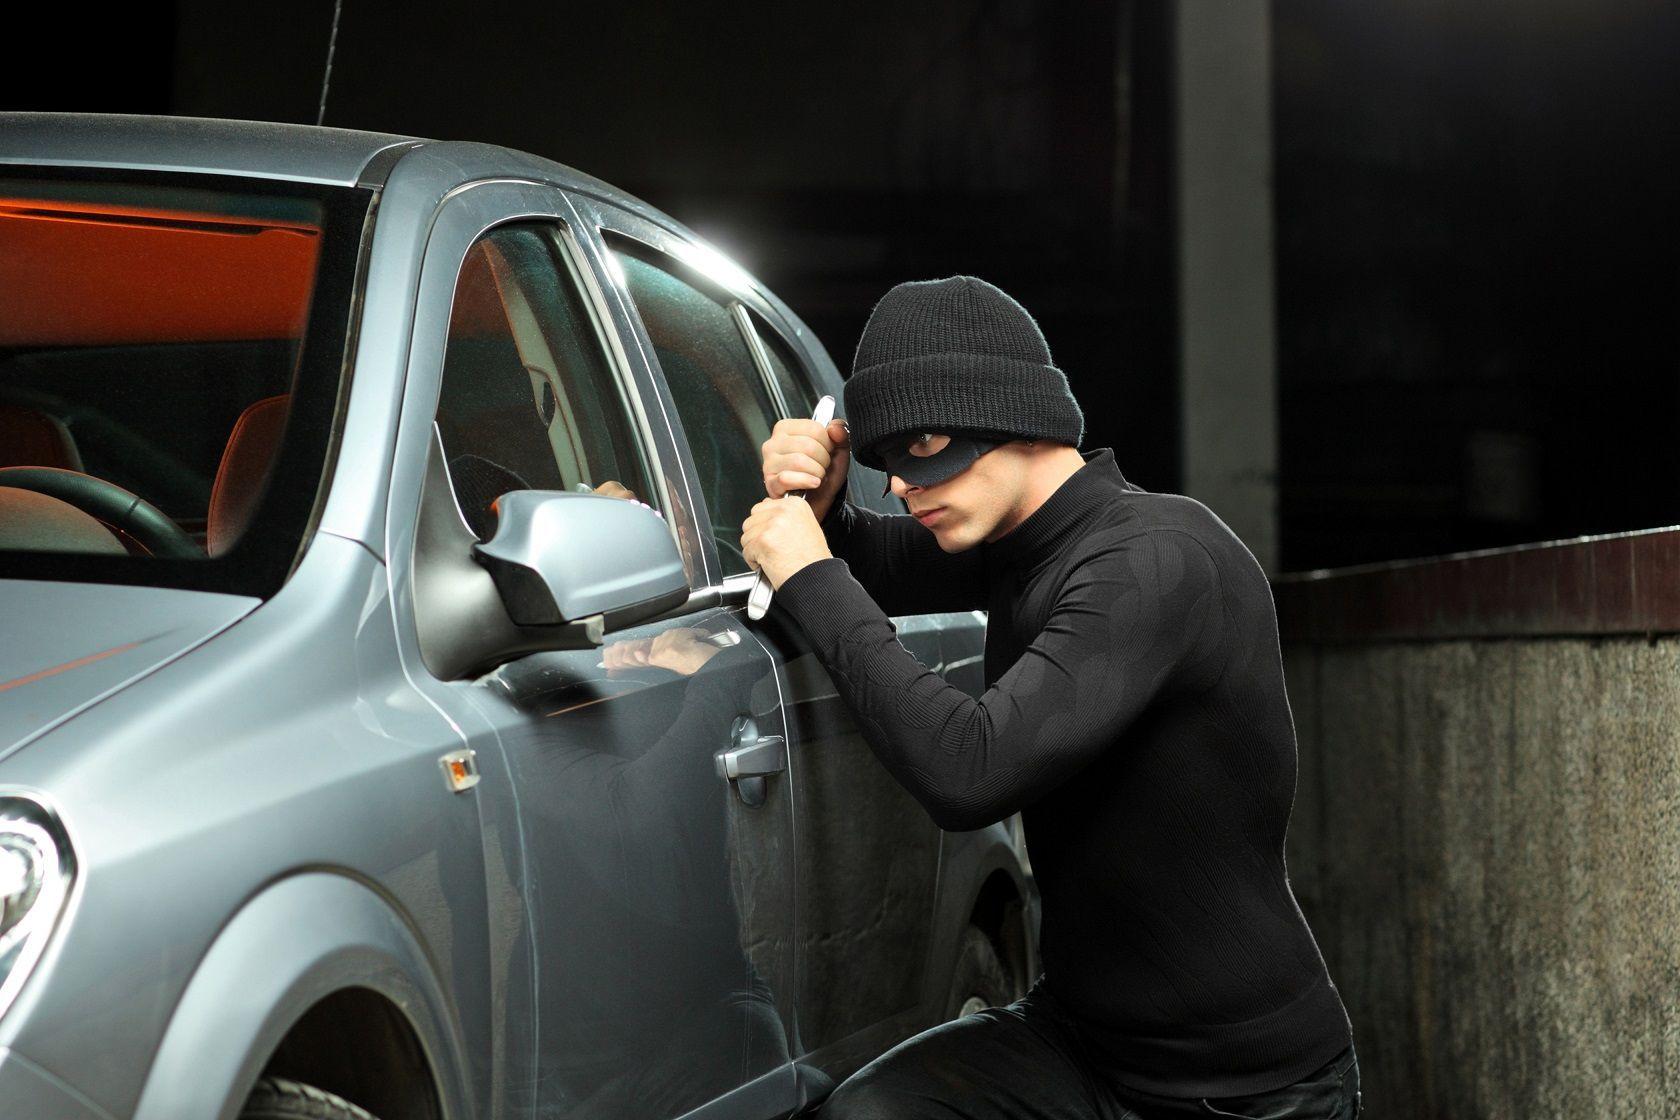 Auto più rubate: uno studio rivela quelle a maggior rischio